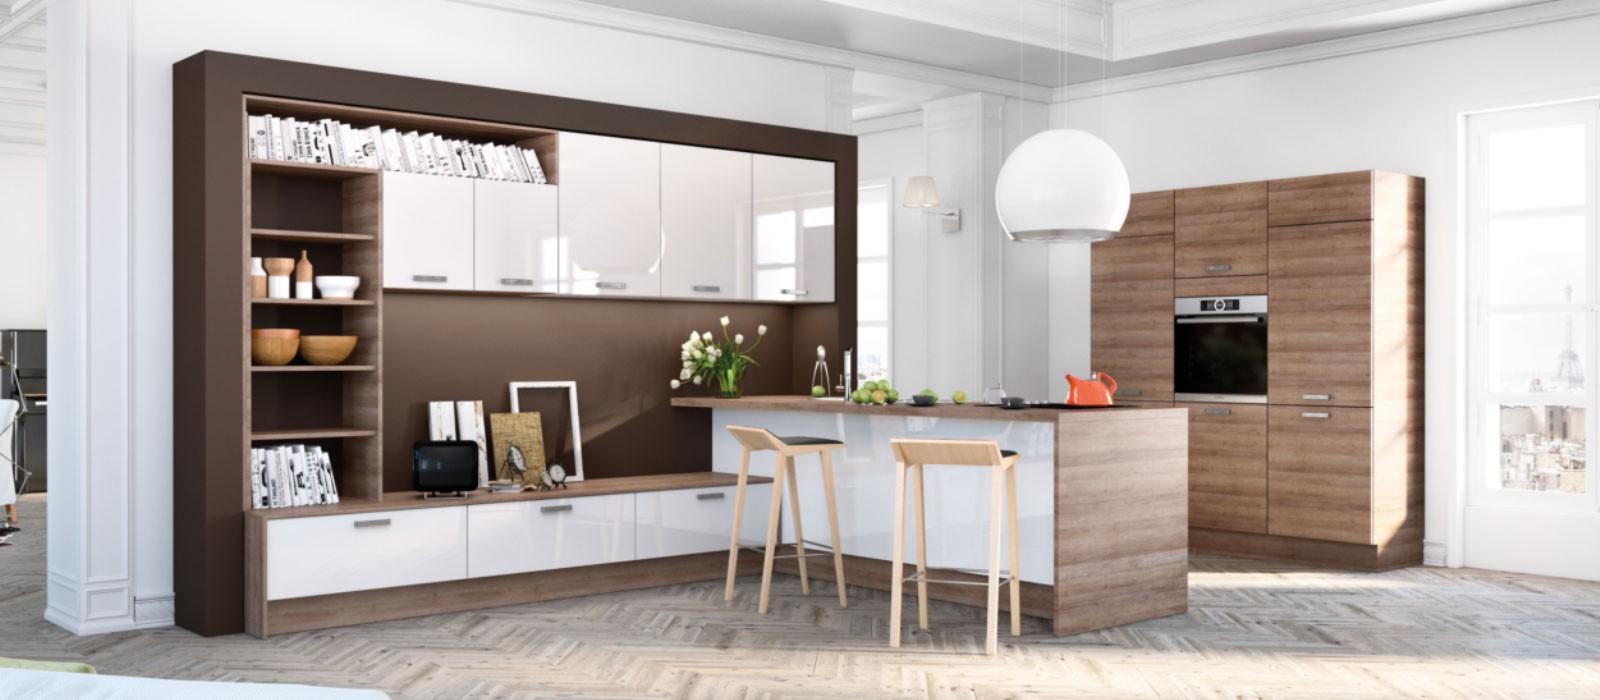 aménagement cuisine : vous venez d'emménager ?